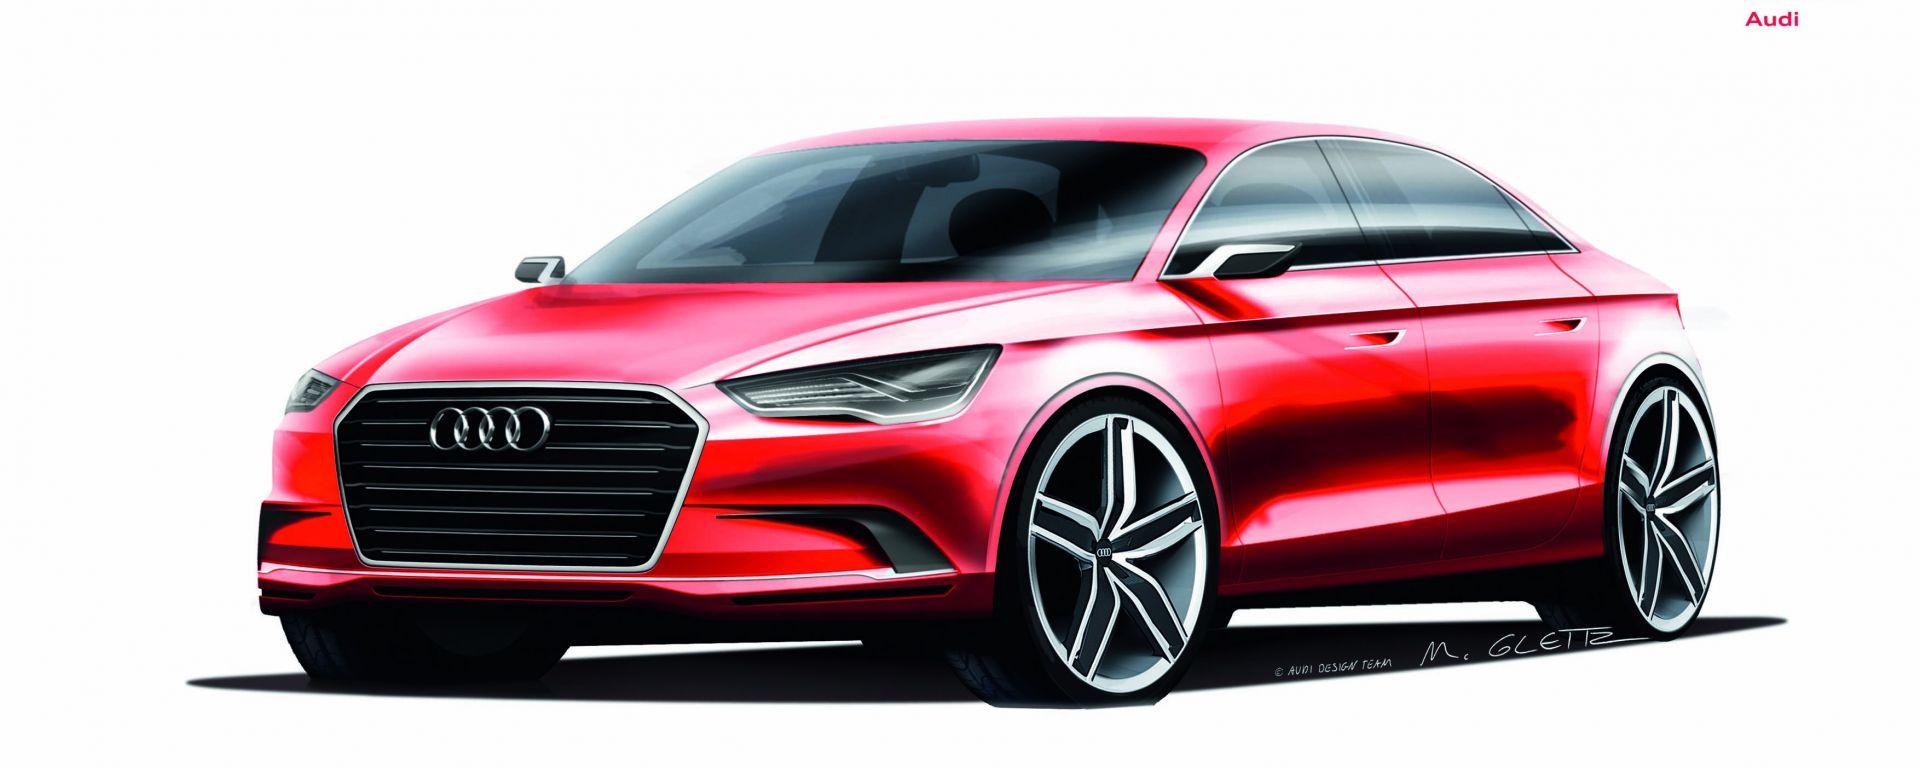 Video Audi A3 Concept